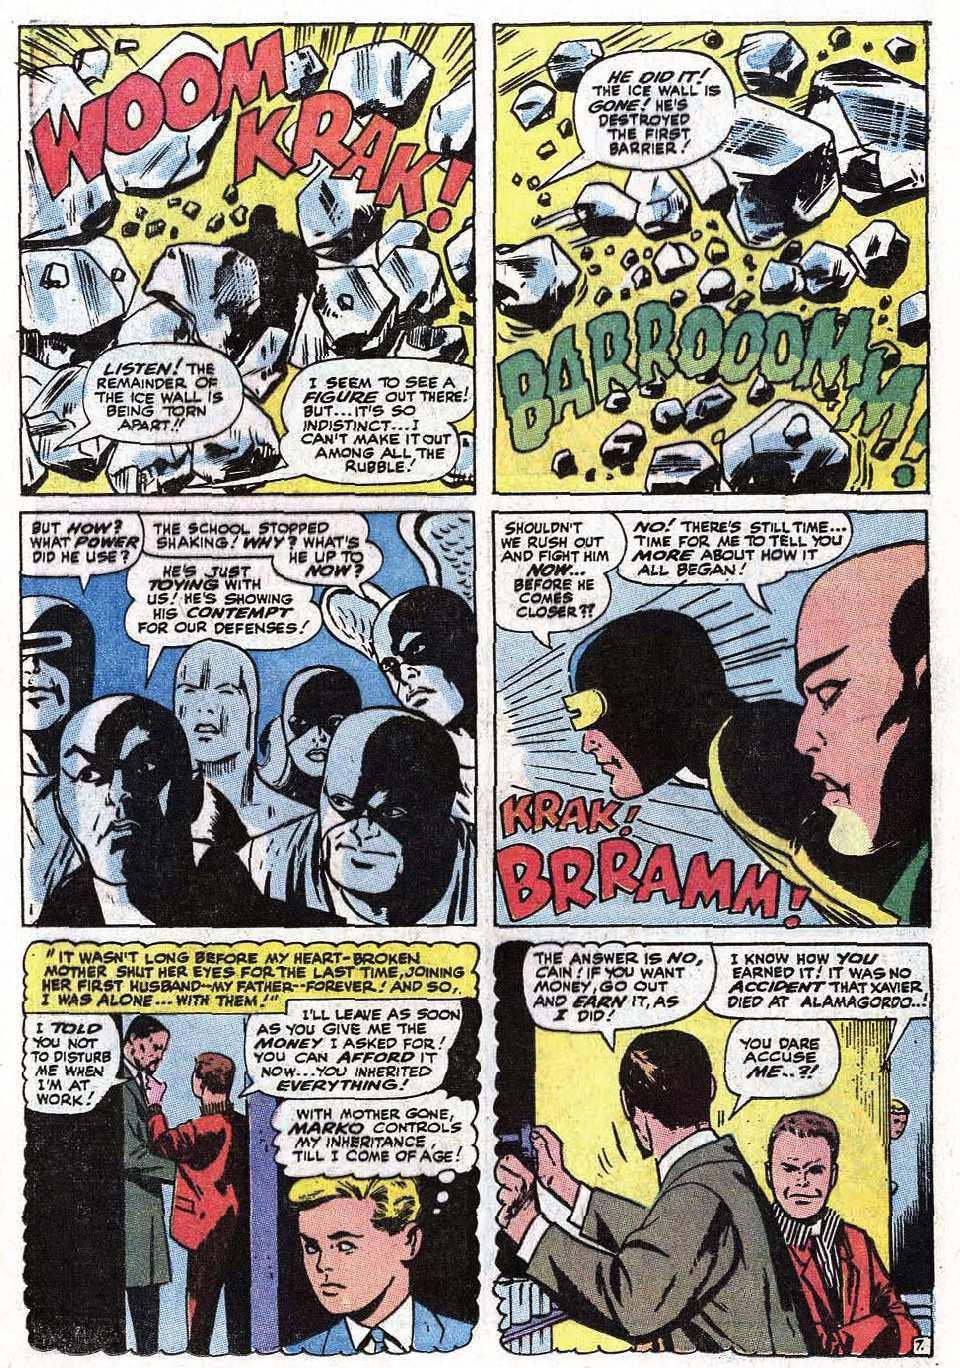 Read online Uncanny X-Men (1963) comic -  Issue #67 - 9